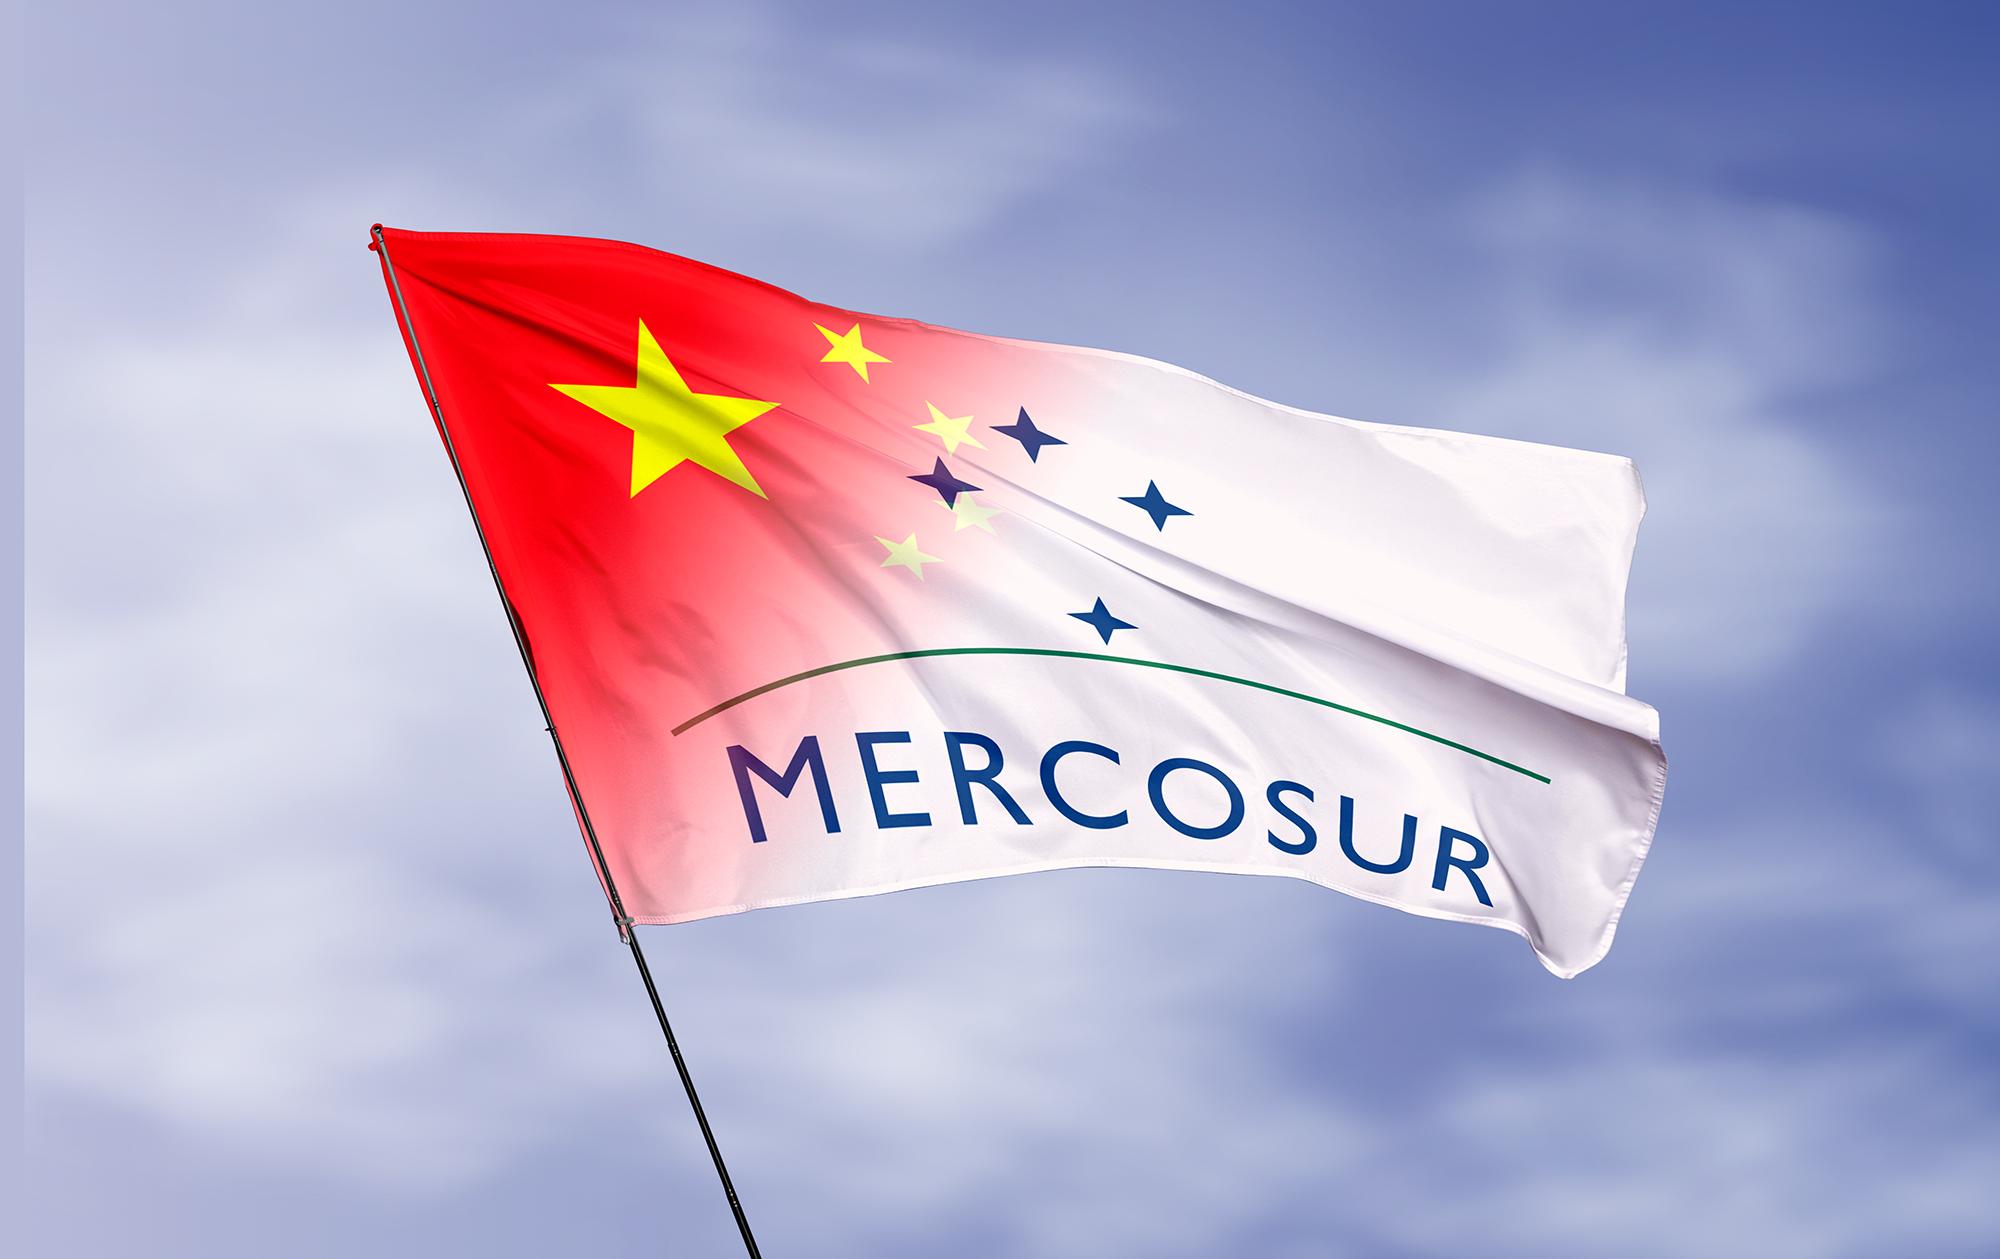 30 años del Mercosur: China desplaza a los principales socios del bloque | CONTAINER